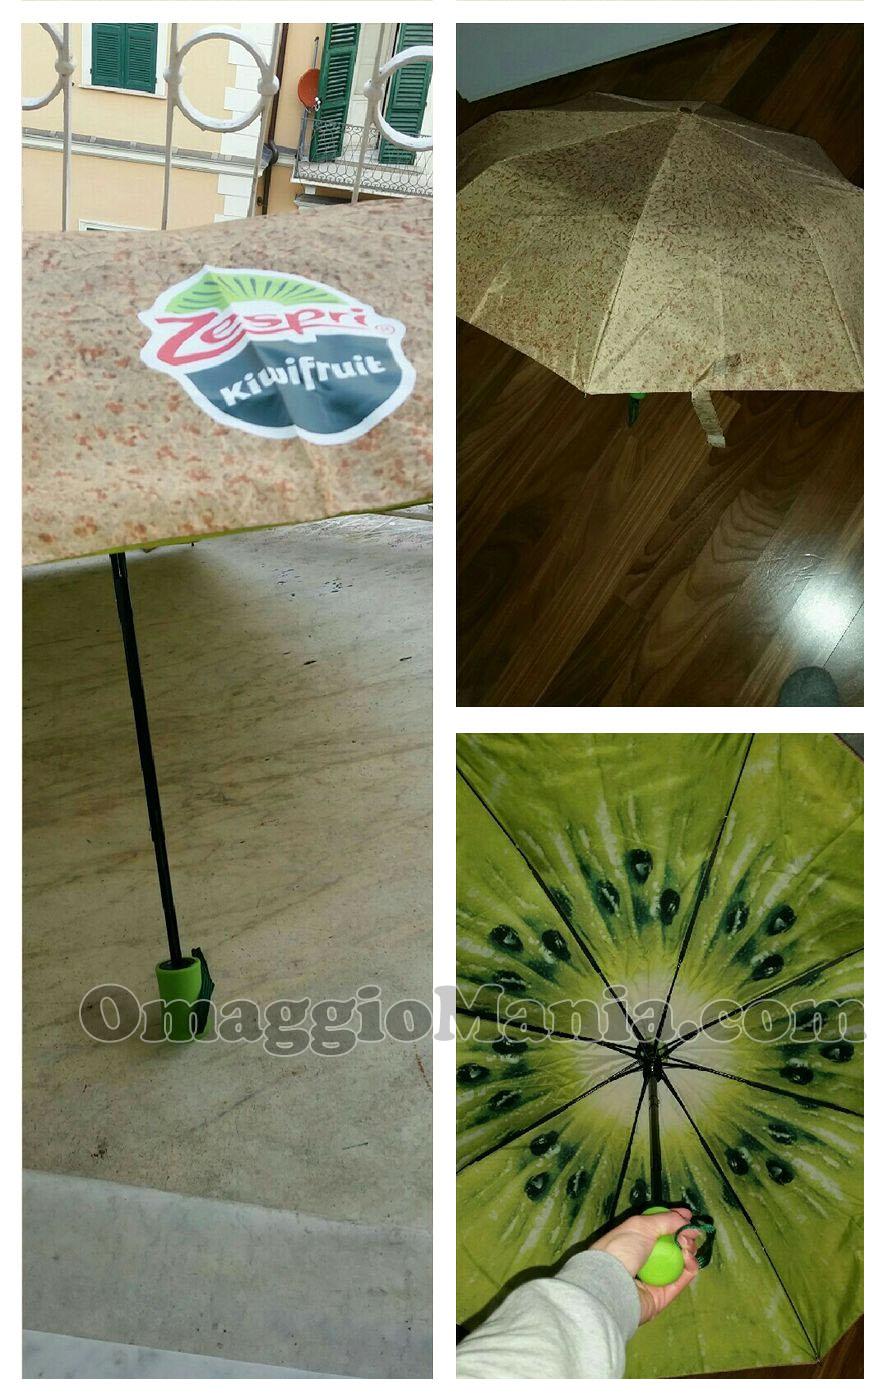 ombrello Zespri di Raffaella